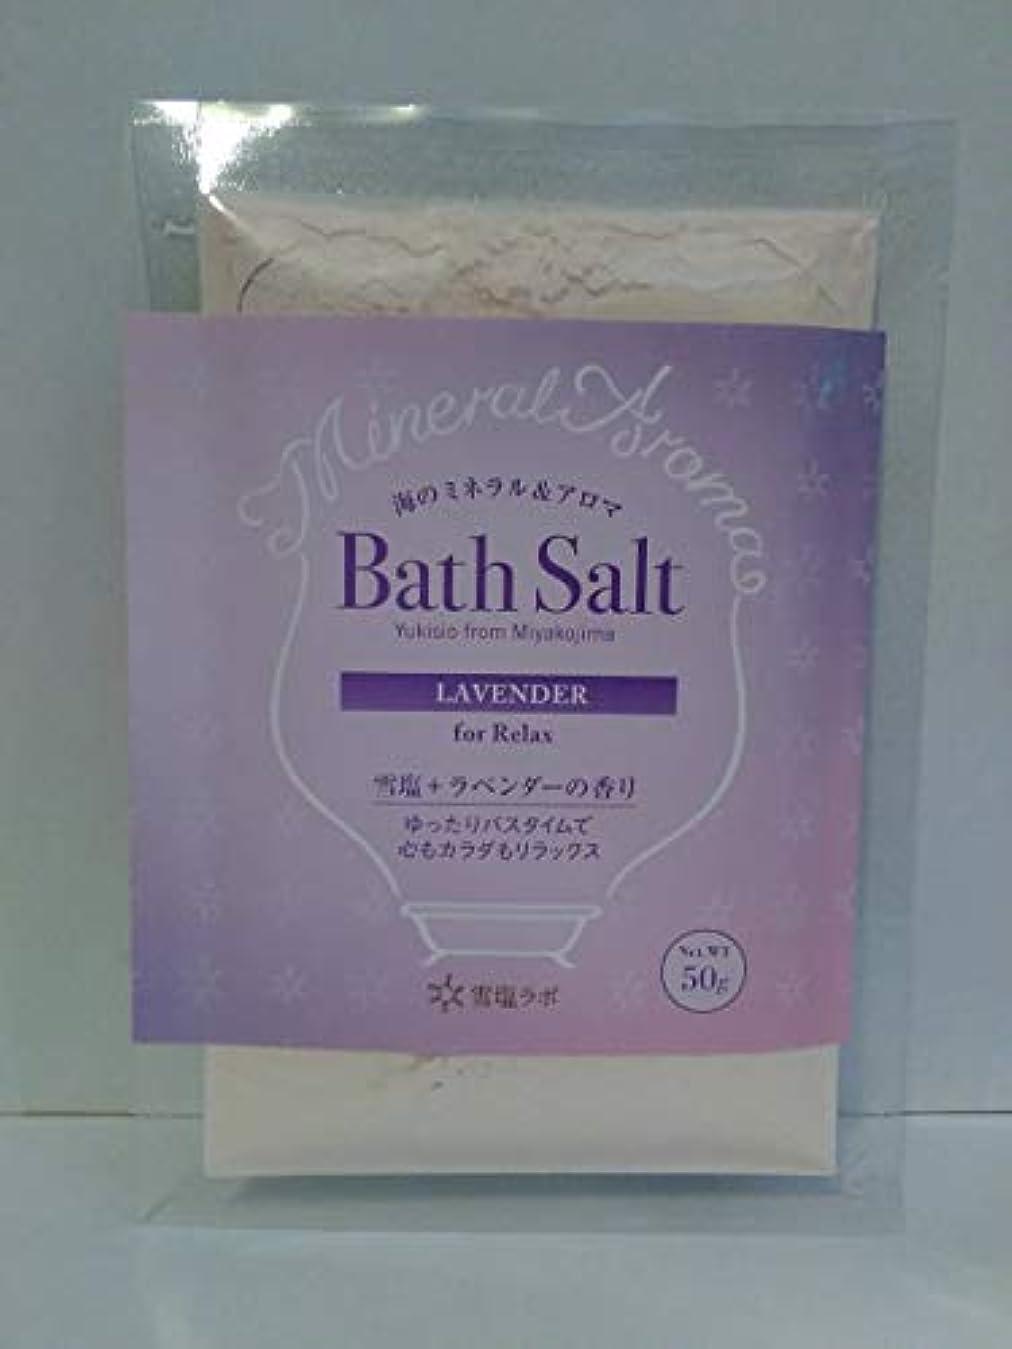 サロン粘着性恥海のミネラル&アロマ Bath Salt 雪塩+ラベンダーの香り